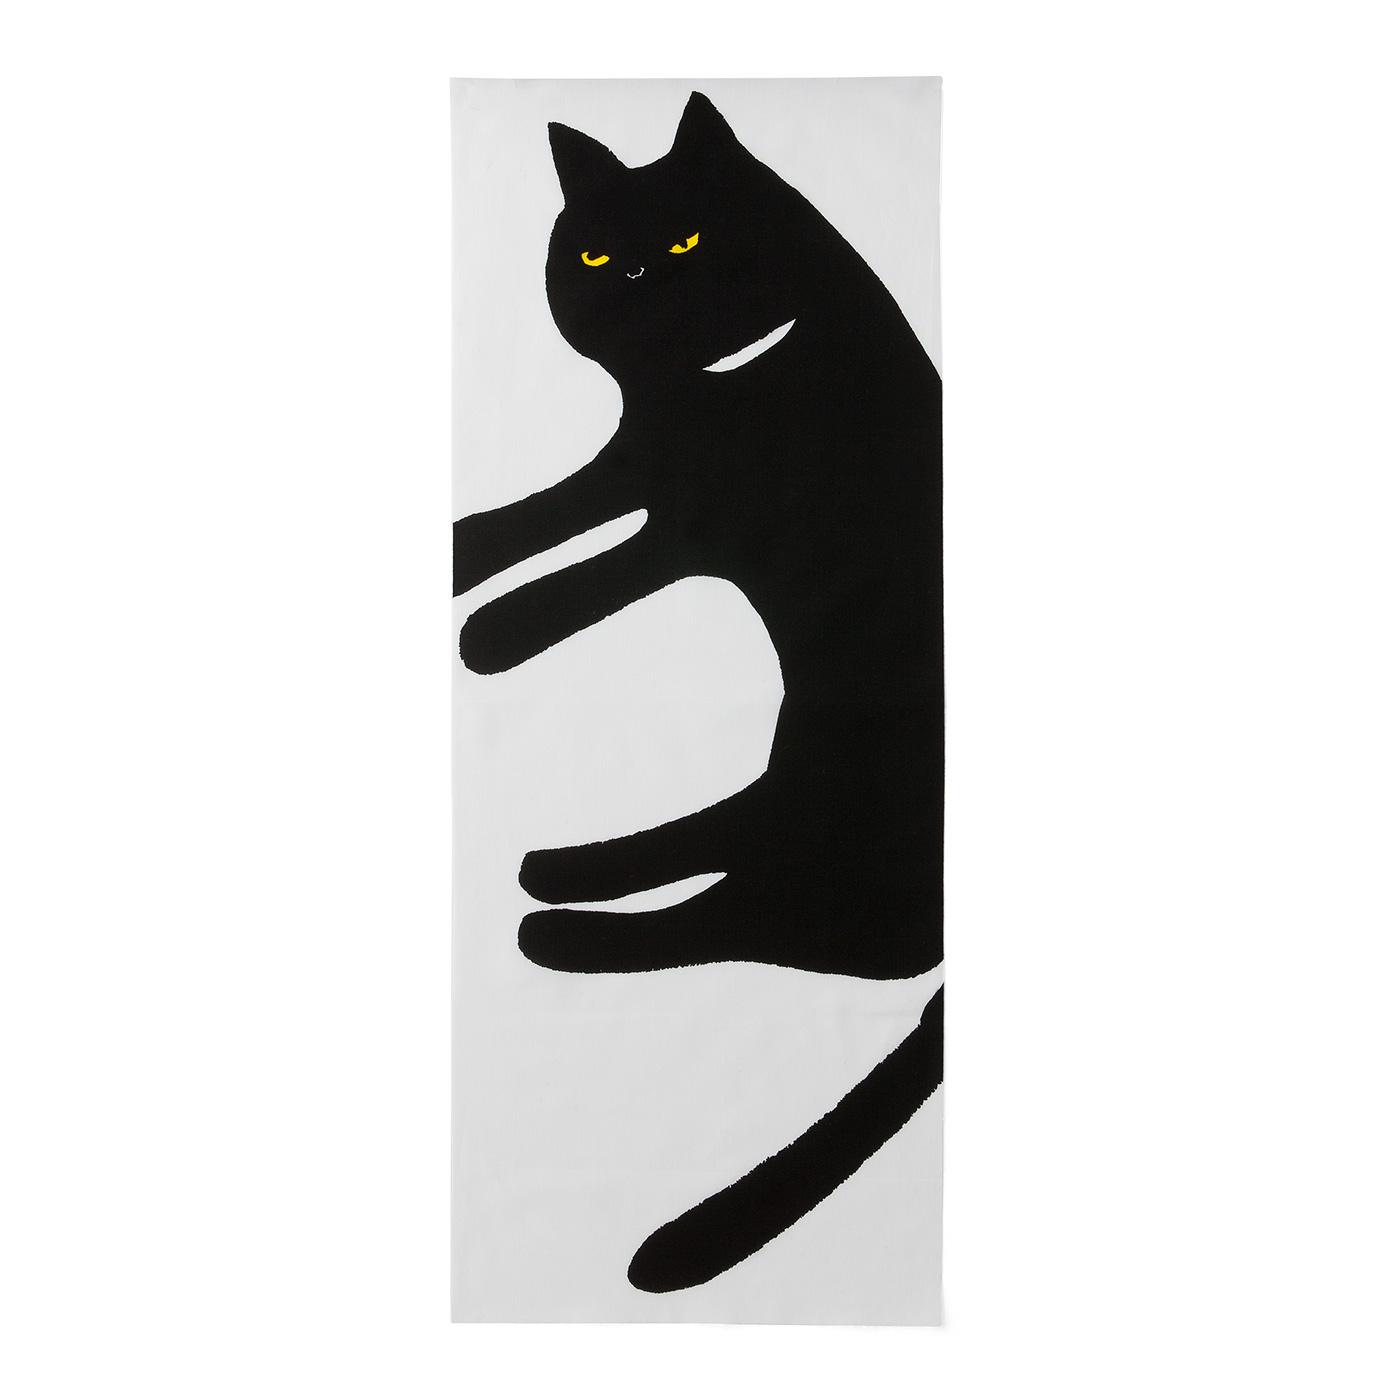 【5】「ねむい」 by ぺんさん デザイン制作会社勤務。イラストも描いています。プライベートでは猫を中心に描いていきたいです。